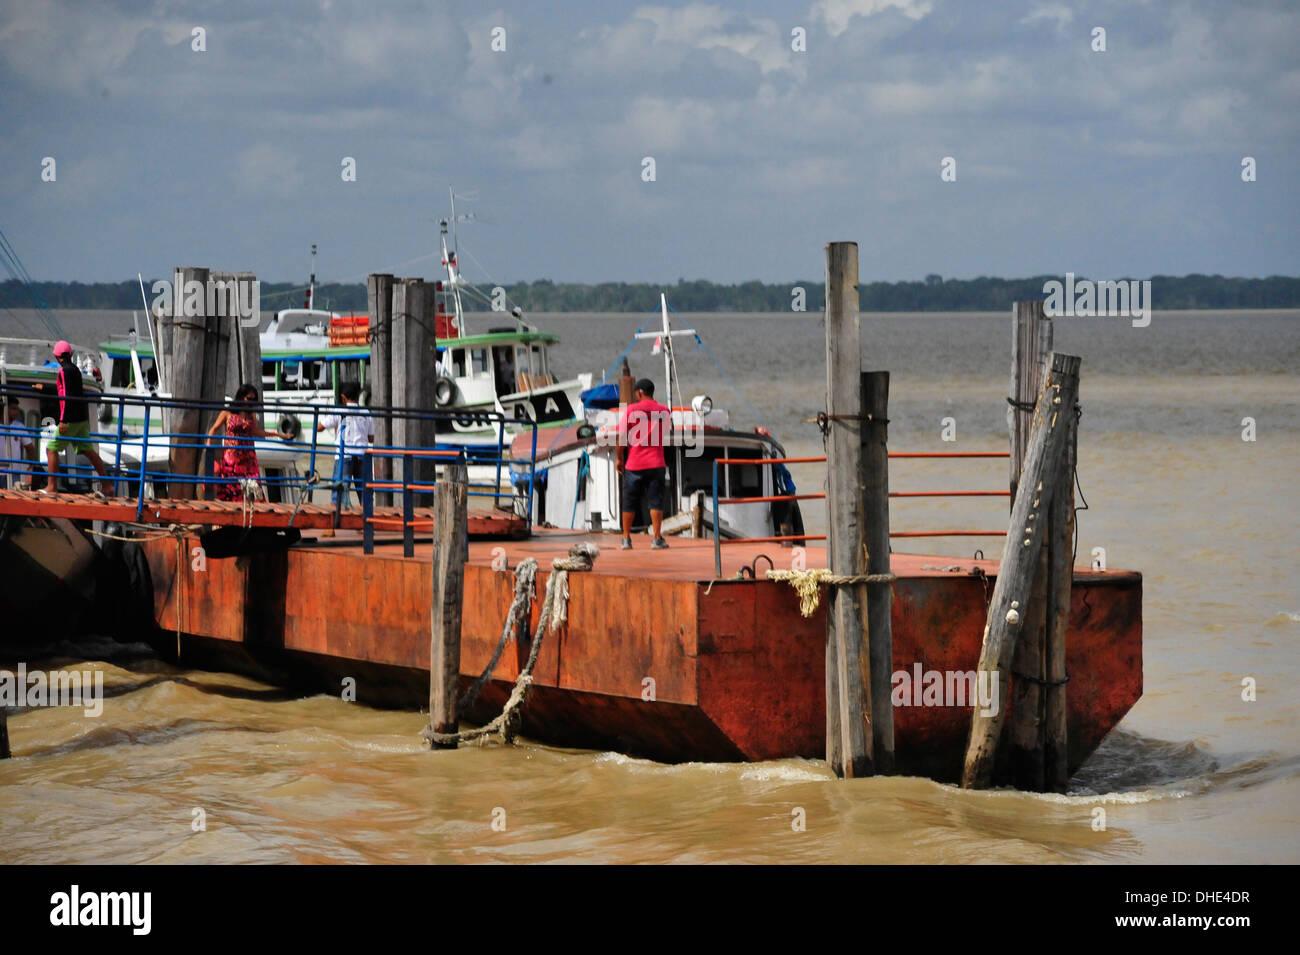 Fähranleger, Belém, Amazonas, Brasilien. Stock Photo